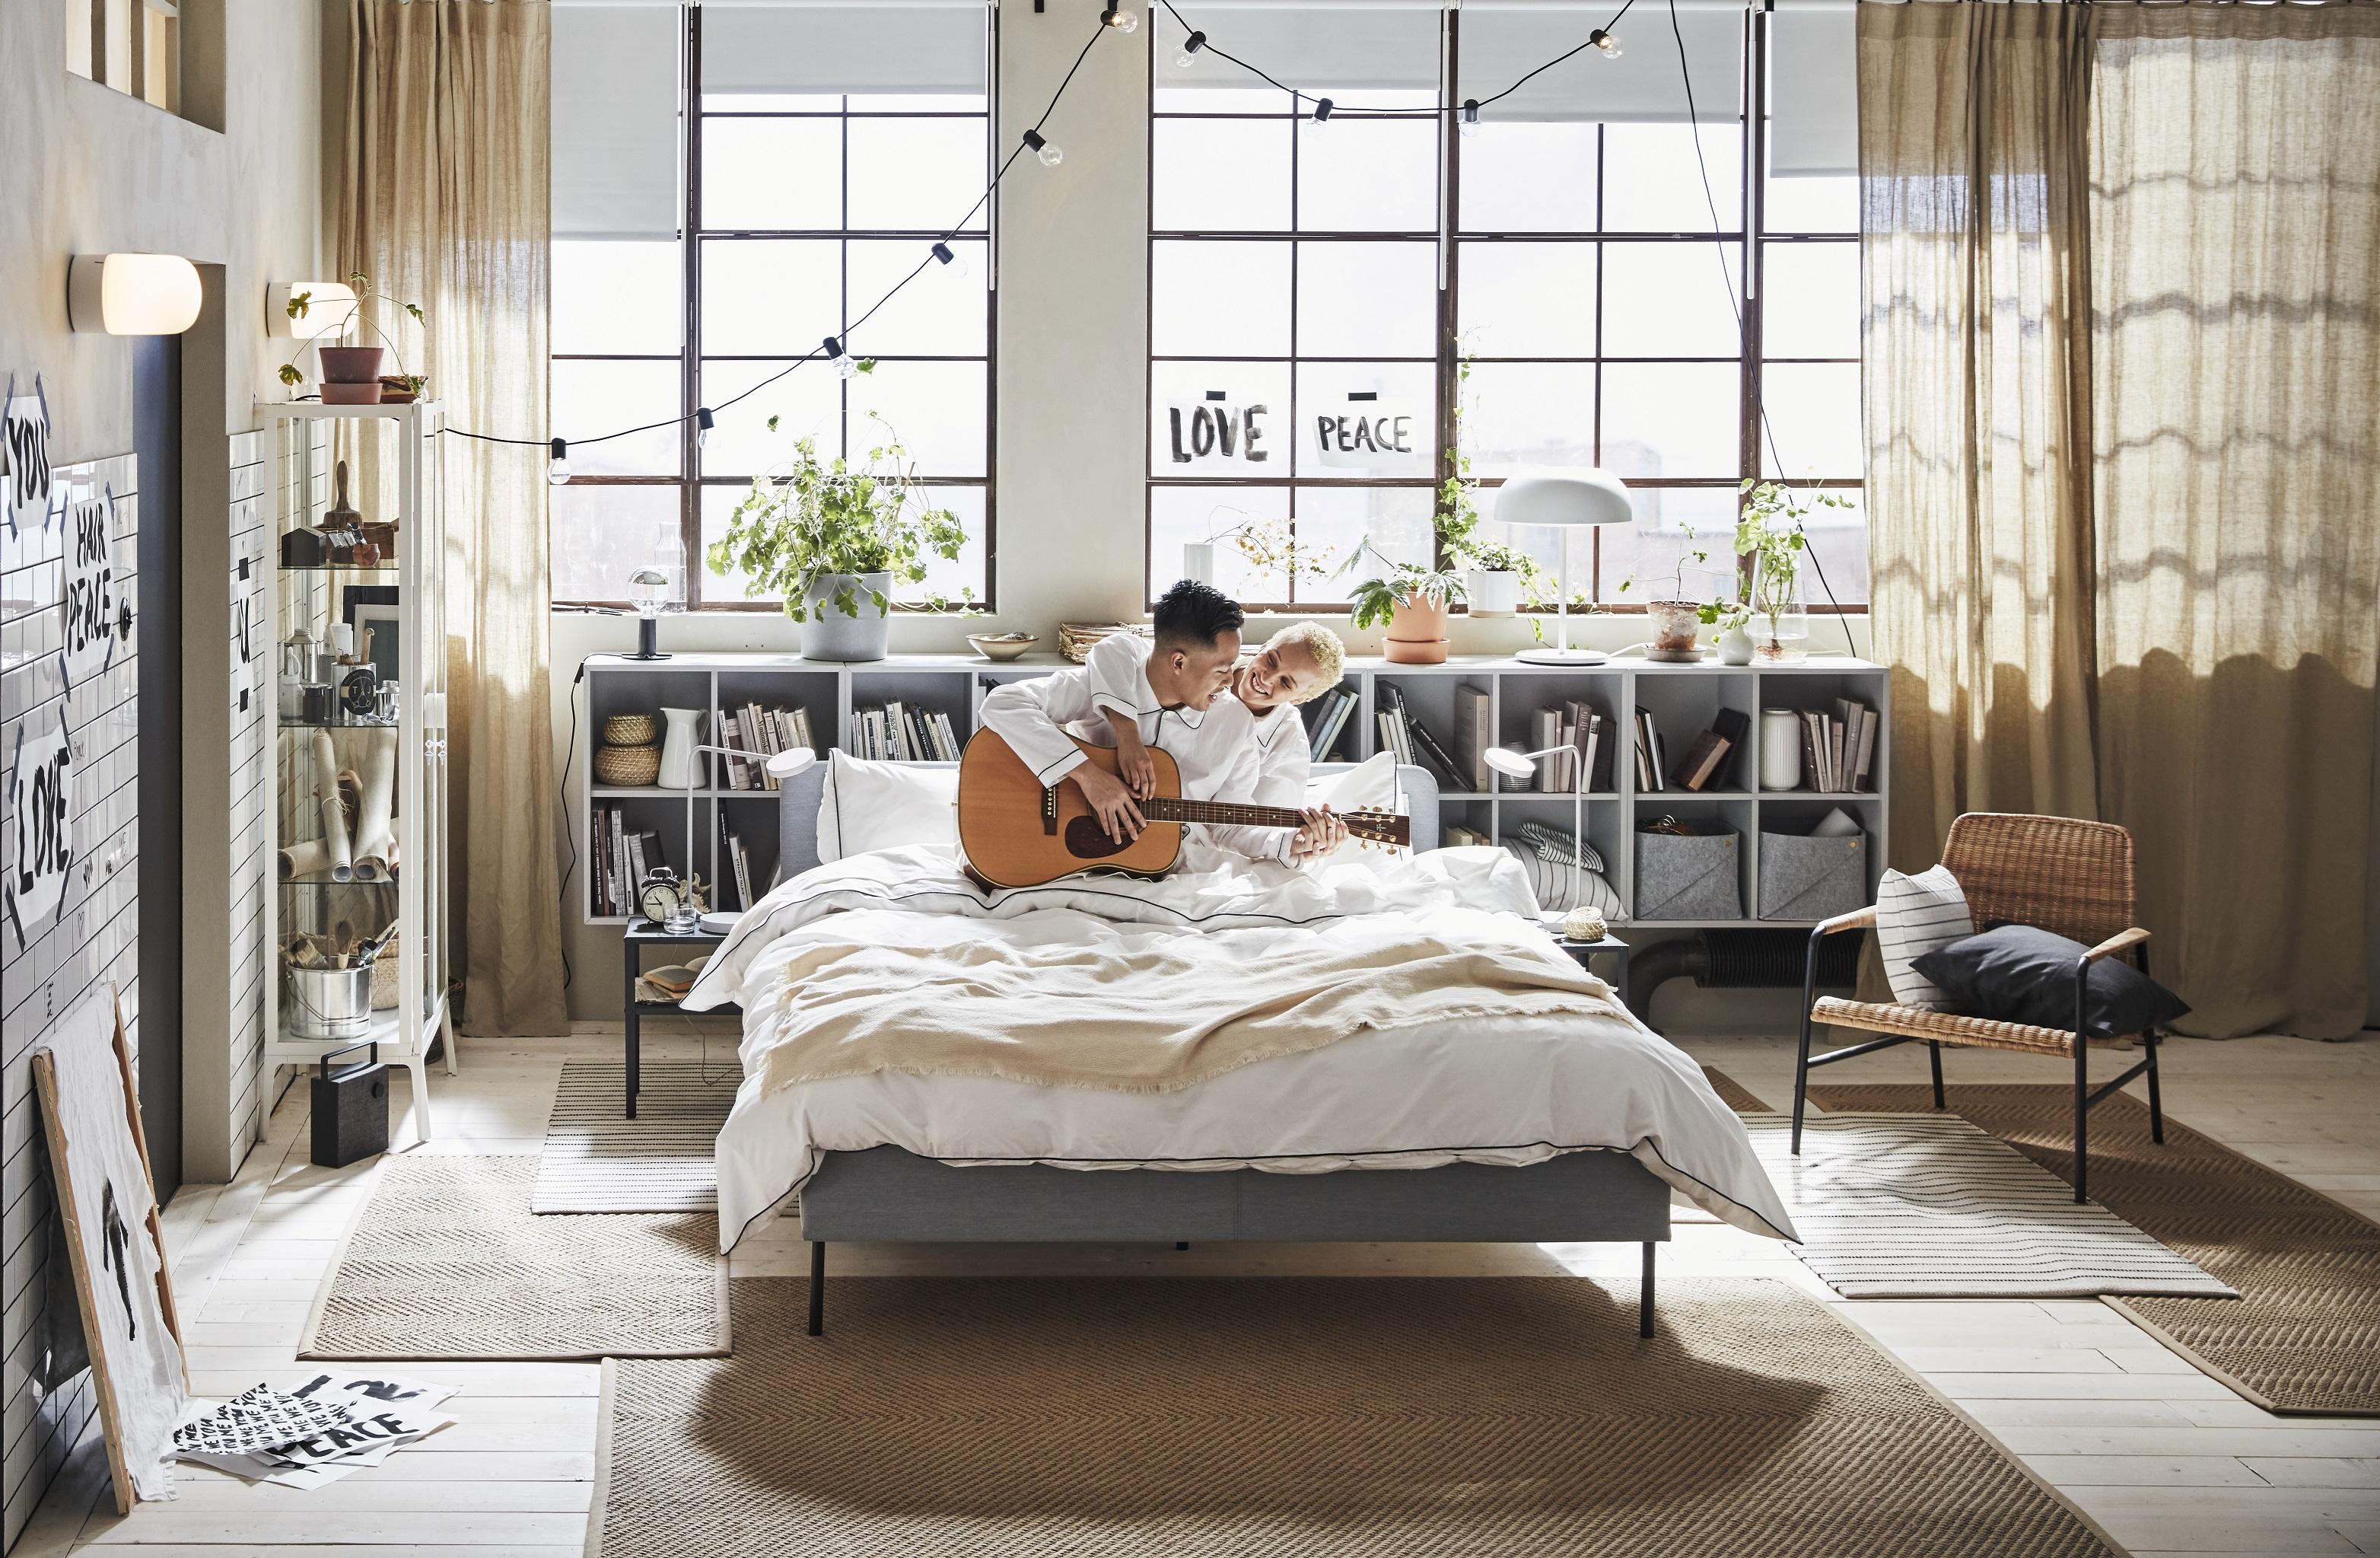 Nowy katalog IKEA 2020: te trendy we wnętrzach pokocha każda